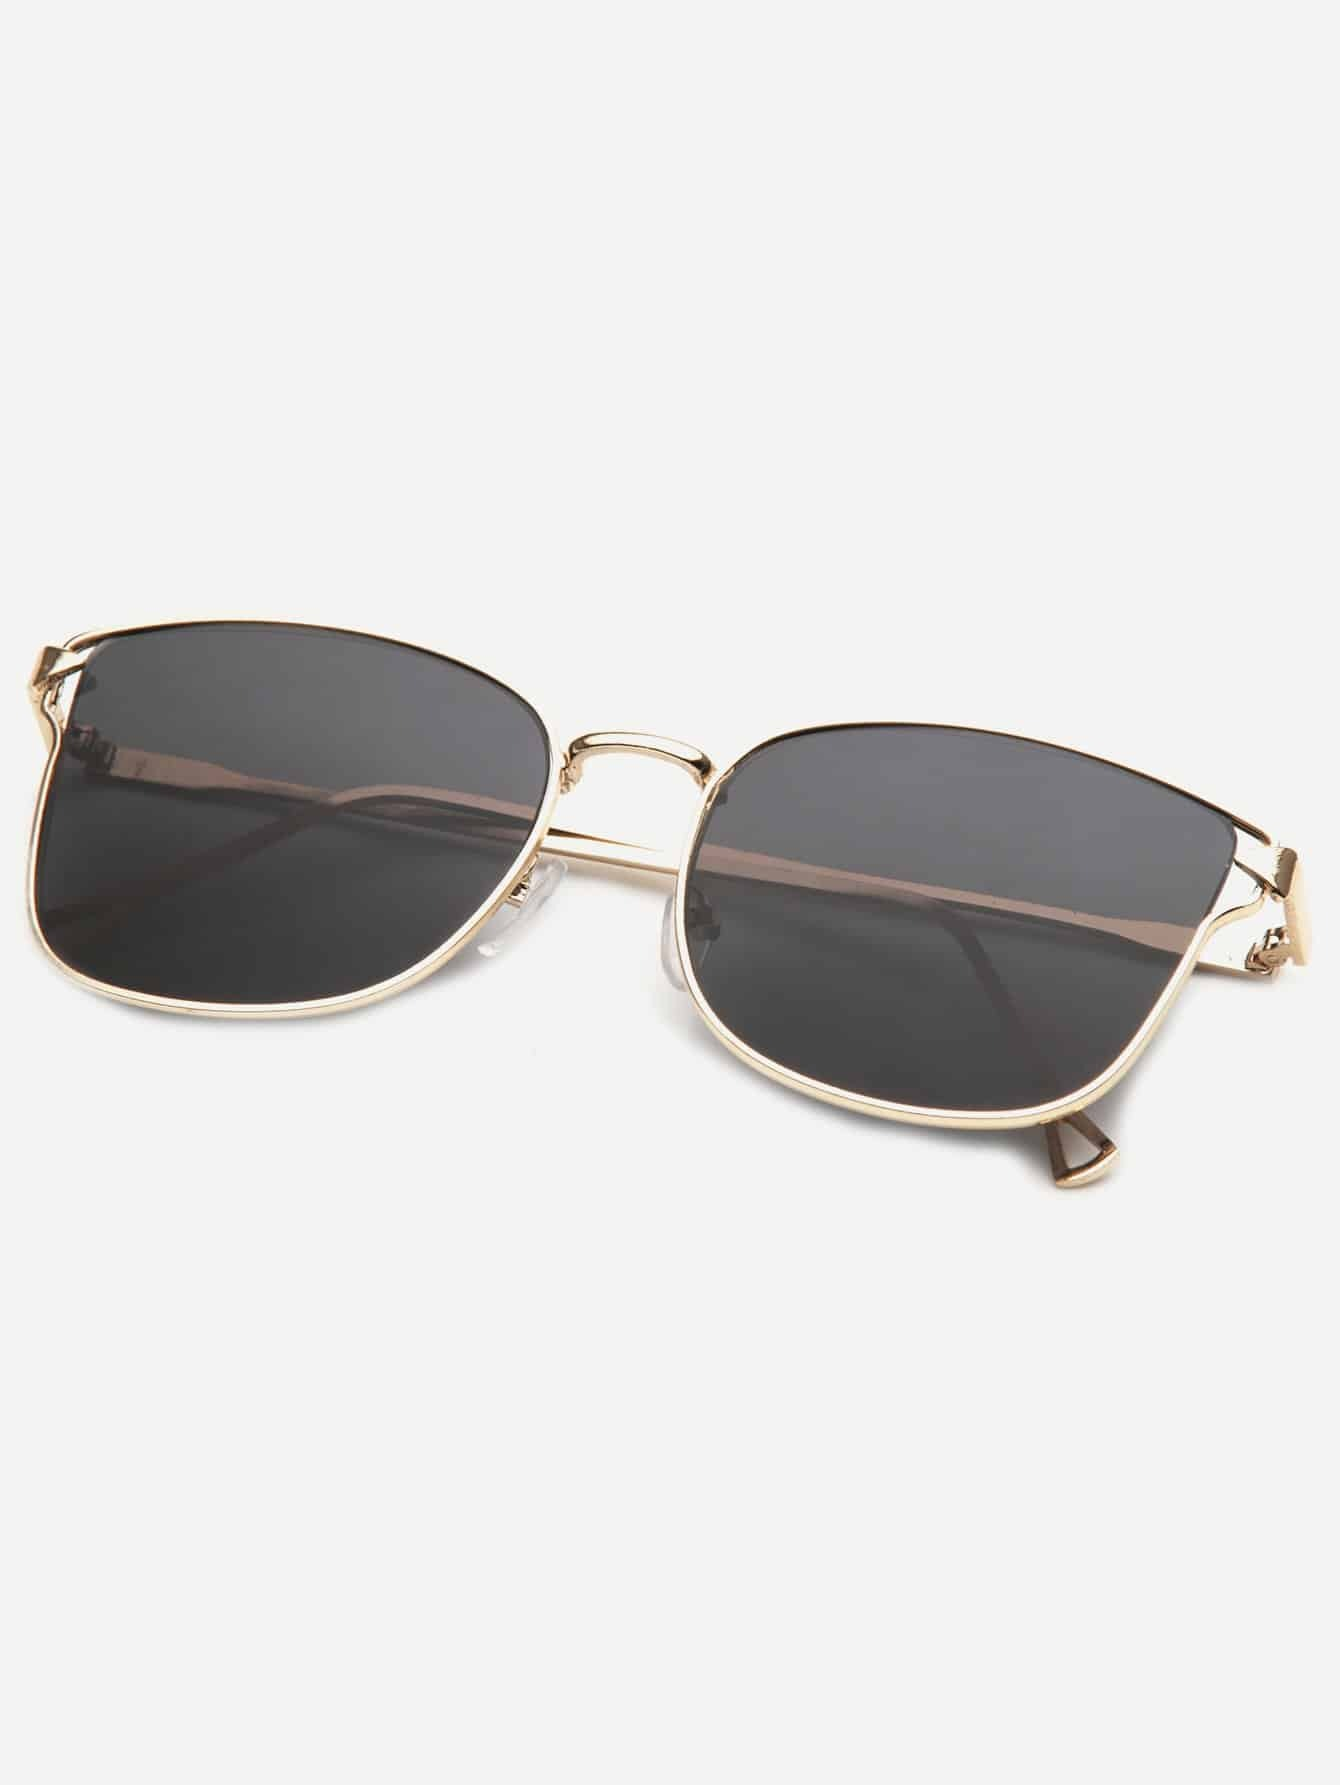 Купить Для мужчин Солнцезащитные очки с металлической рамкой, null, SheIn